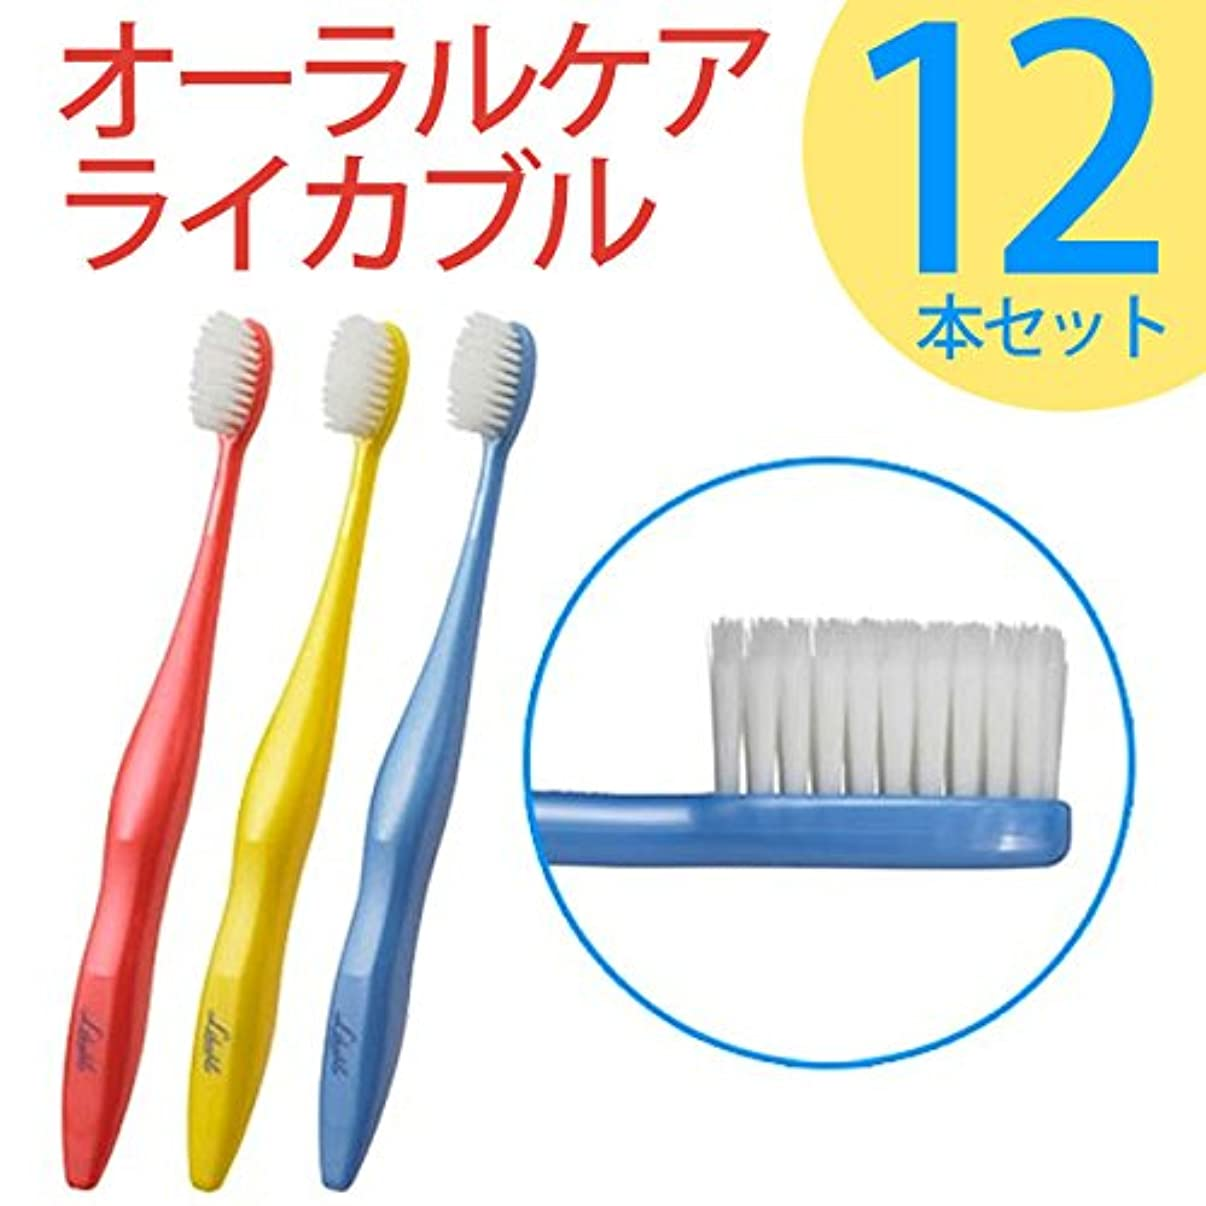 聴衆ニュース敬意ライカブル ライカブル メンテナンス用 歯ブラシ 12本セット